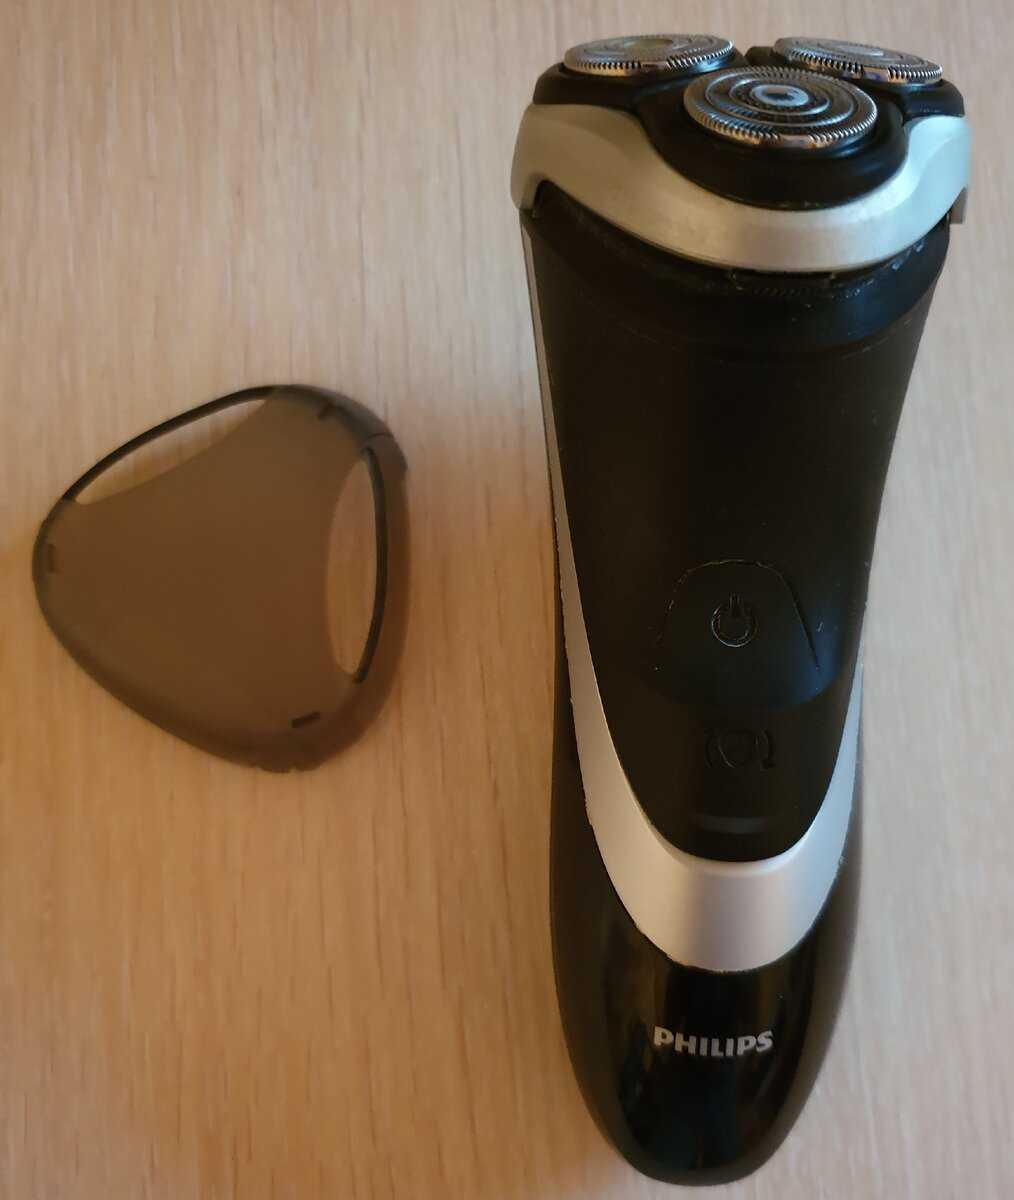 Купить электробритву xiaomi mijia electric shaver msx201 в москве, мытищи, пушкино быстрая доставка, гарантия - more-mi.ru